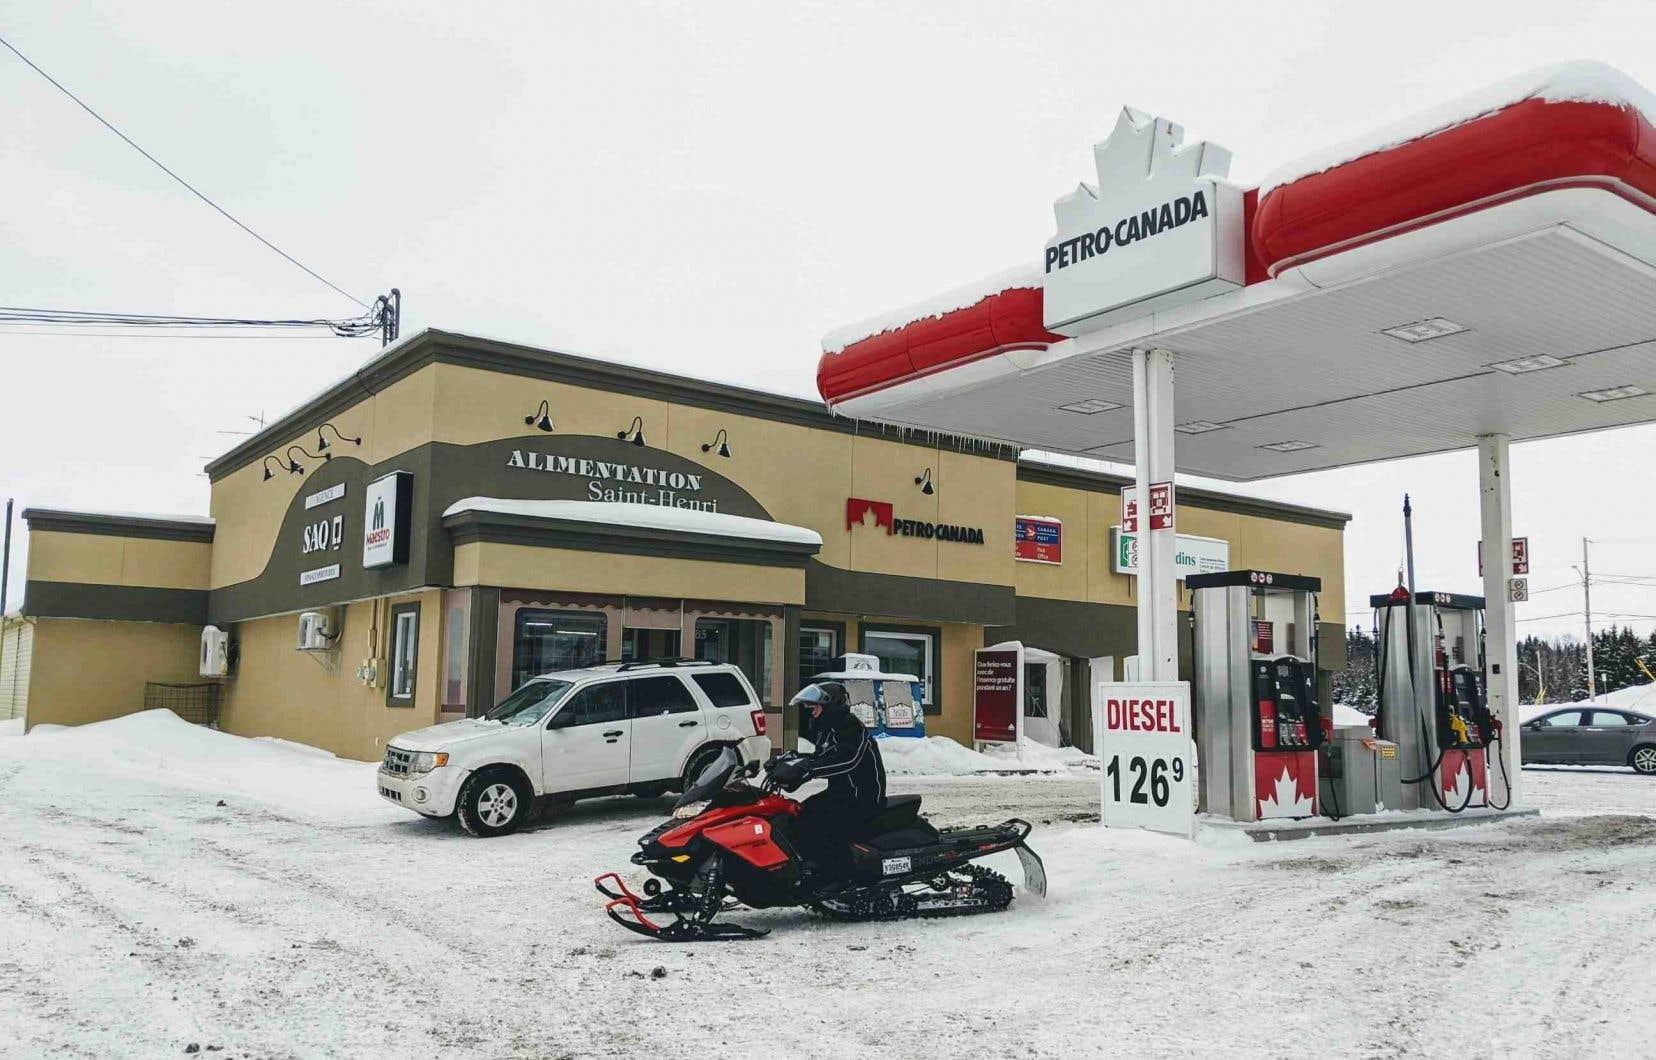 Le 21janvier dernier, l'expédition en motoneige d'un groupe de huit touristes français et de leur guide québécois a tourné au drame dans le secteur de Saint-Henri-de-Taillon, lorsque cinq d'entre eux ont sombré dans le lac Saint-Jean.